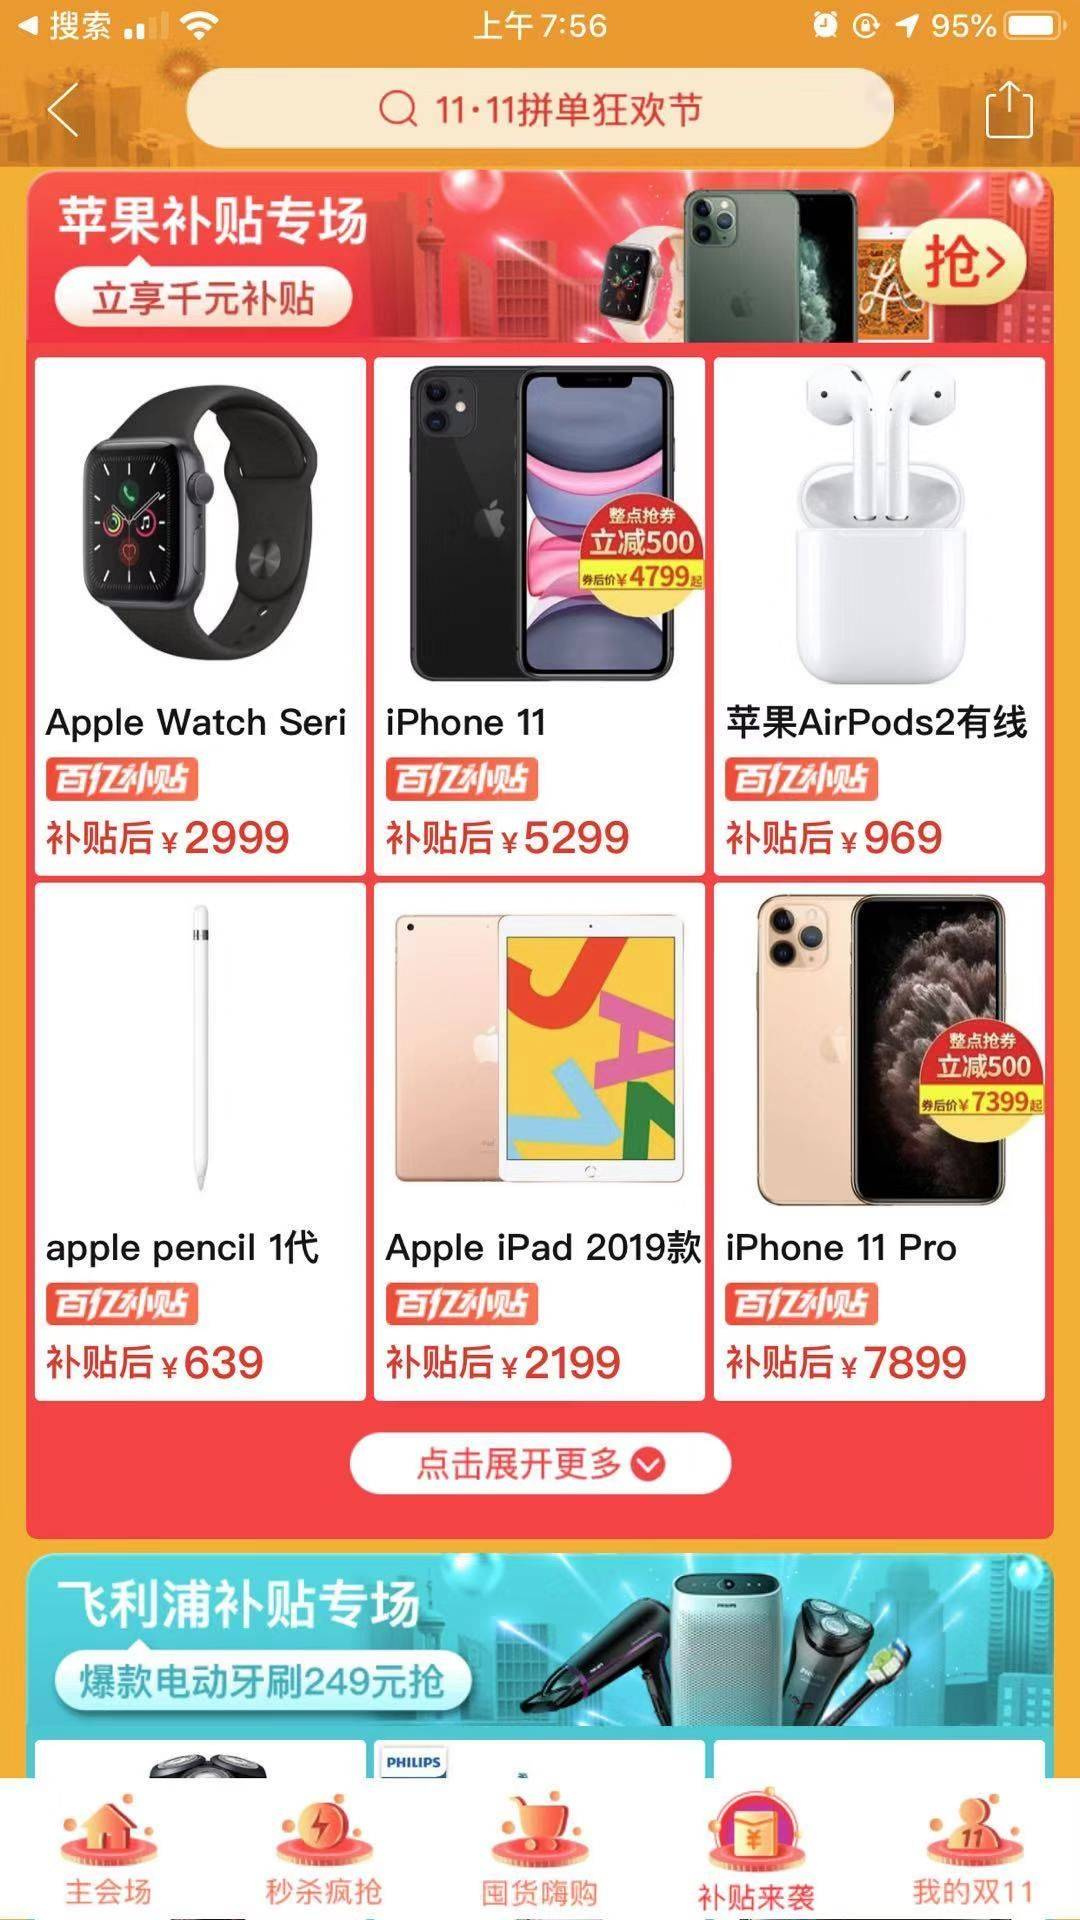 鸟哥笔记,广告营销,刘志远,营销,案例,策略